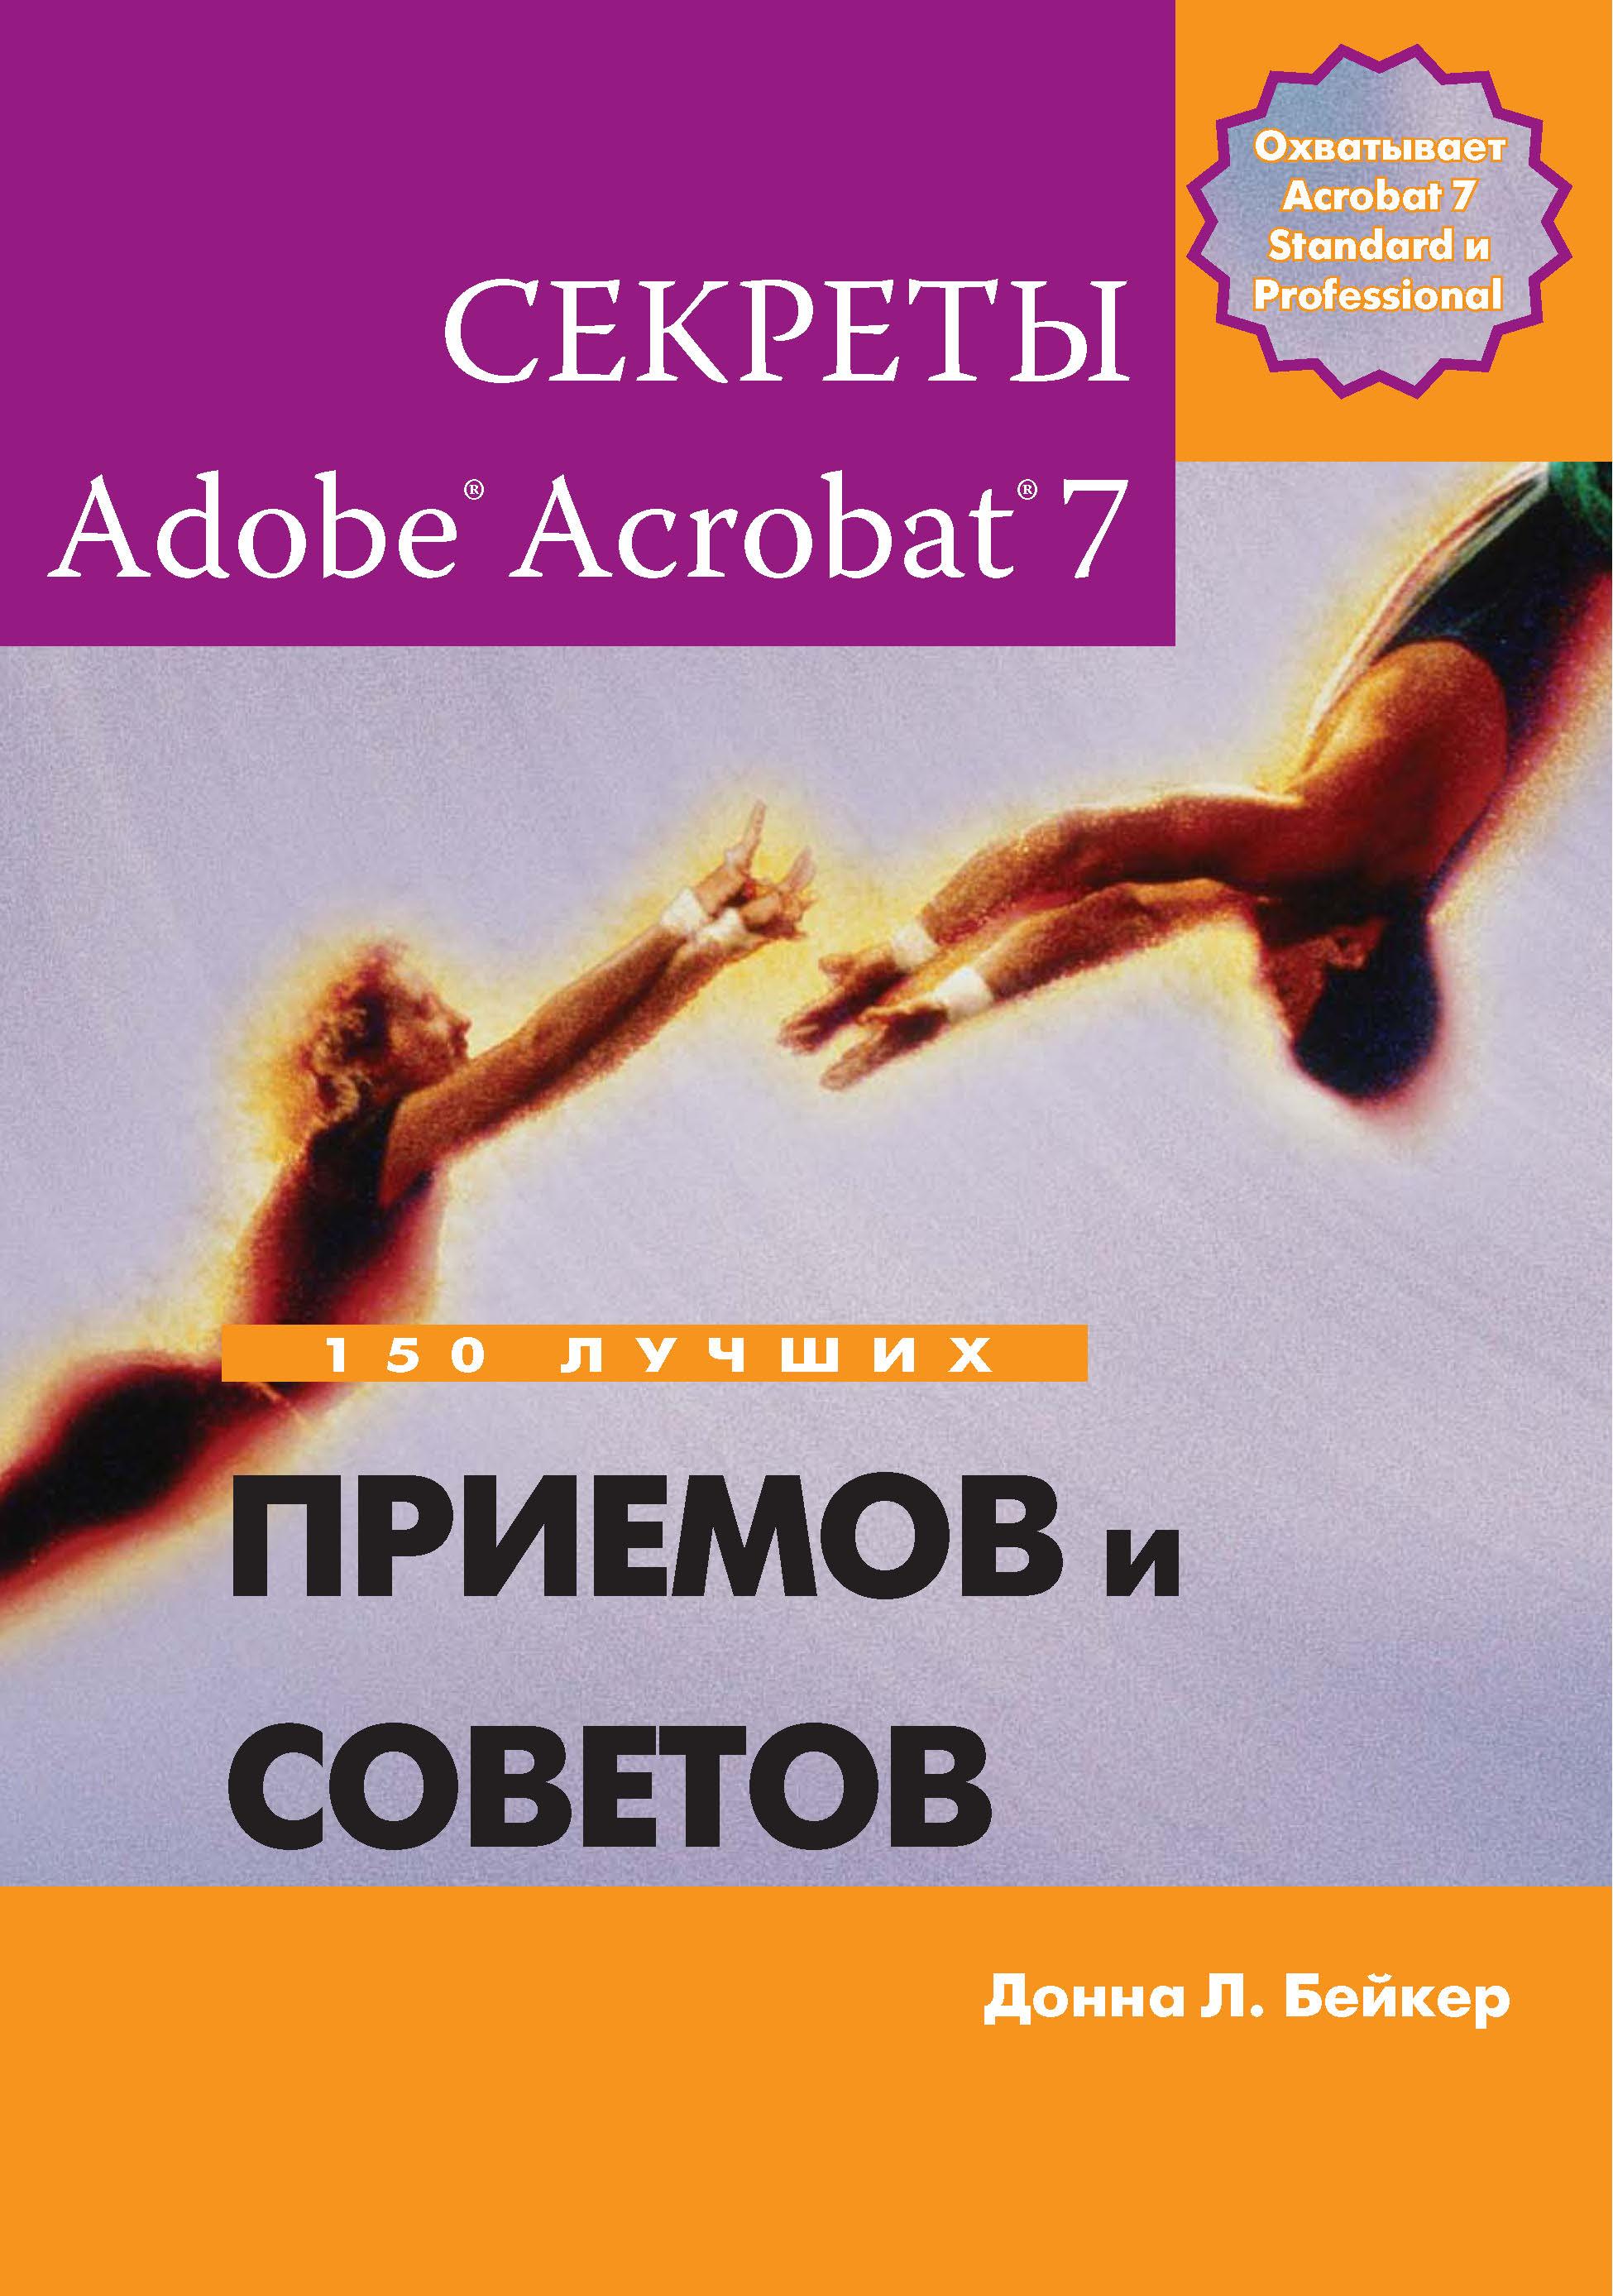 Донна Л. Бейкер Секреты Adobe Acrobat 7. 150 лучших приемов и советов донна л бейкер секреты adobe acrobat 7 150 лучших приемов и советов